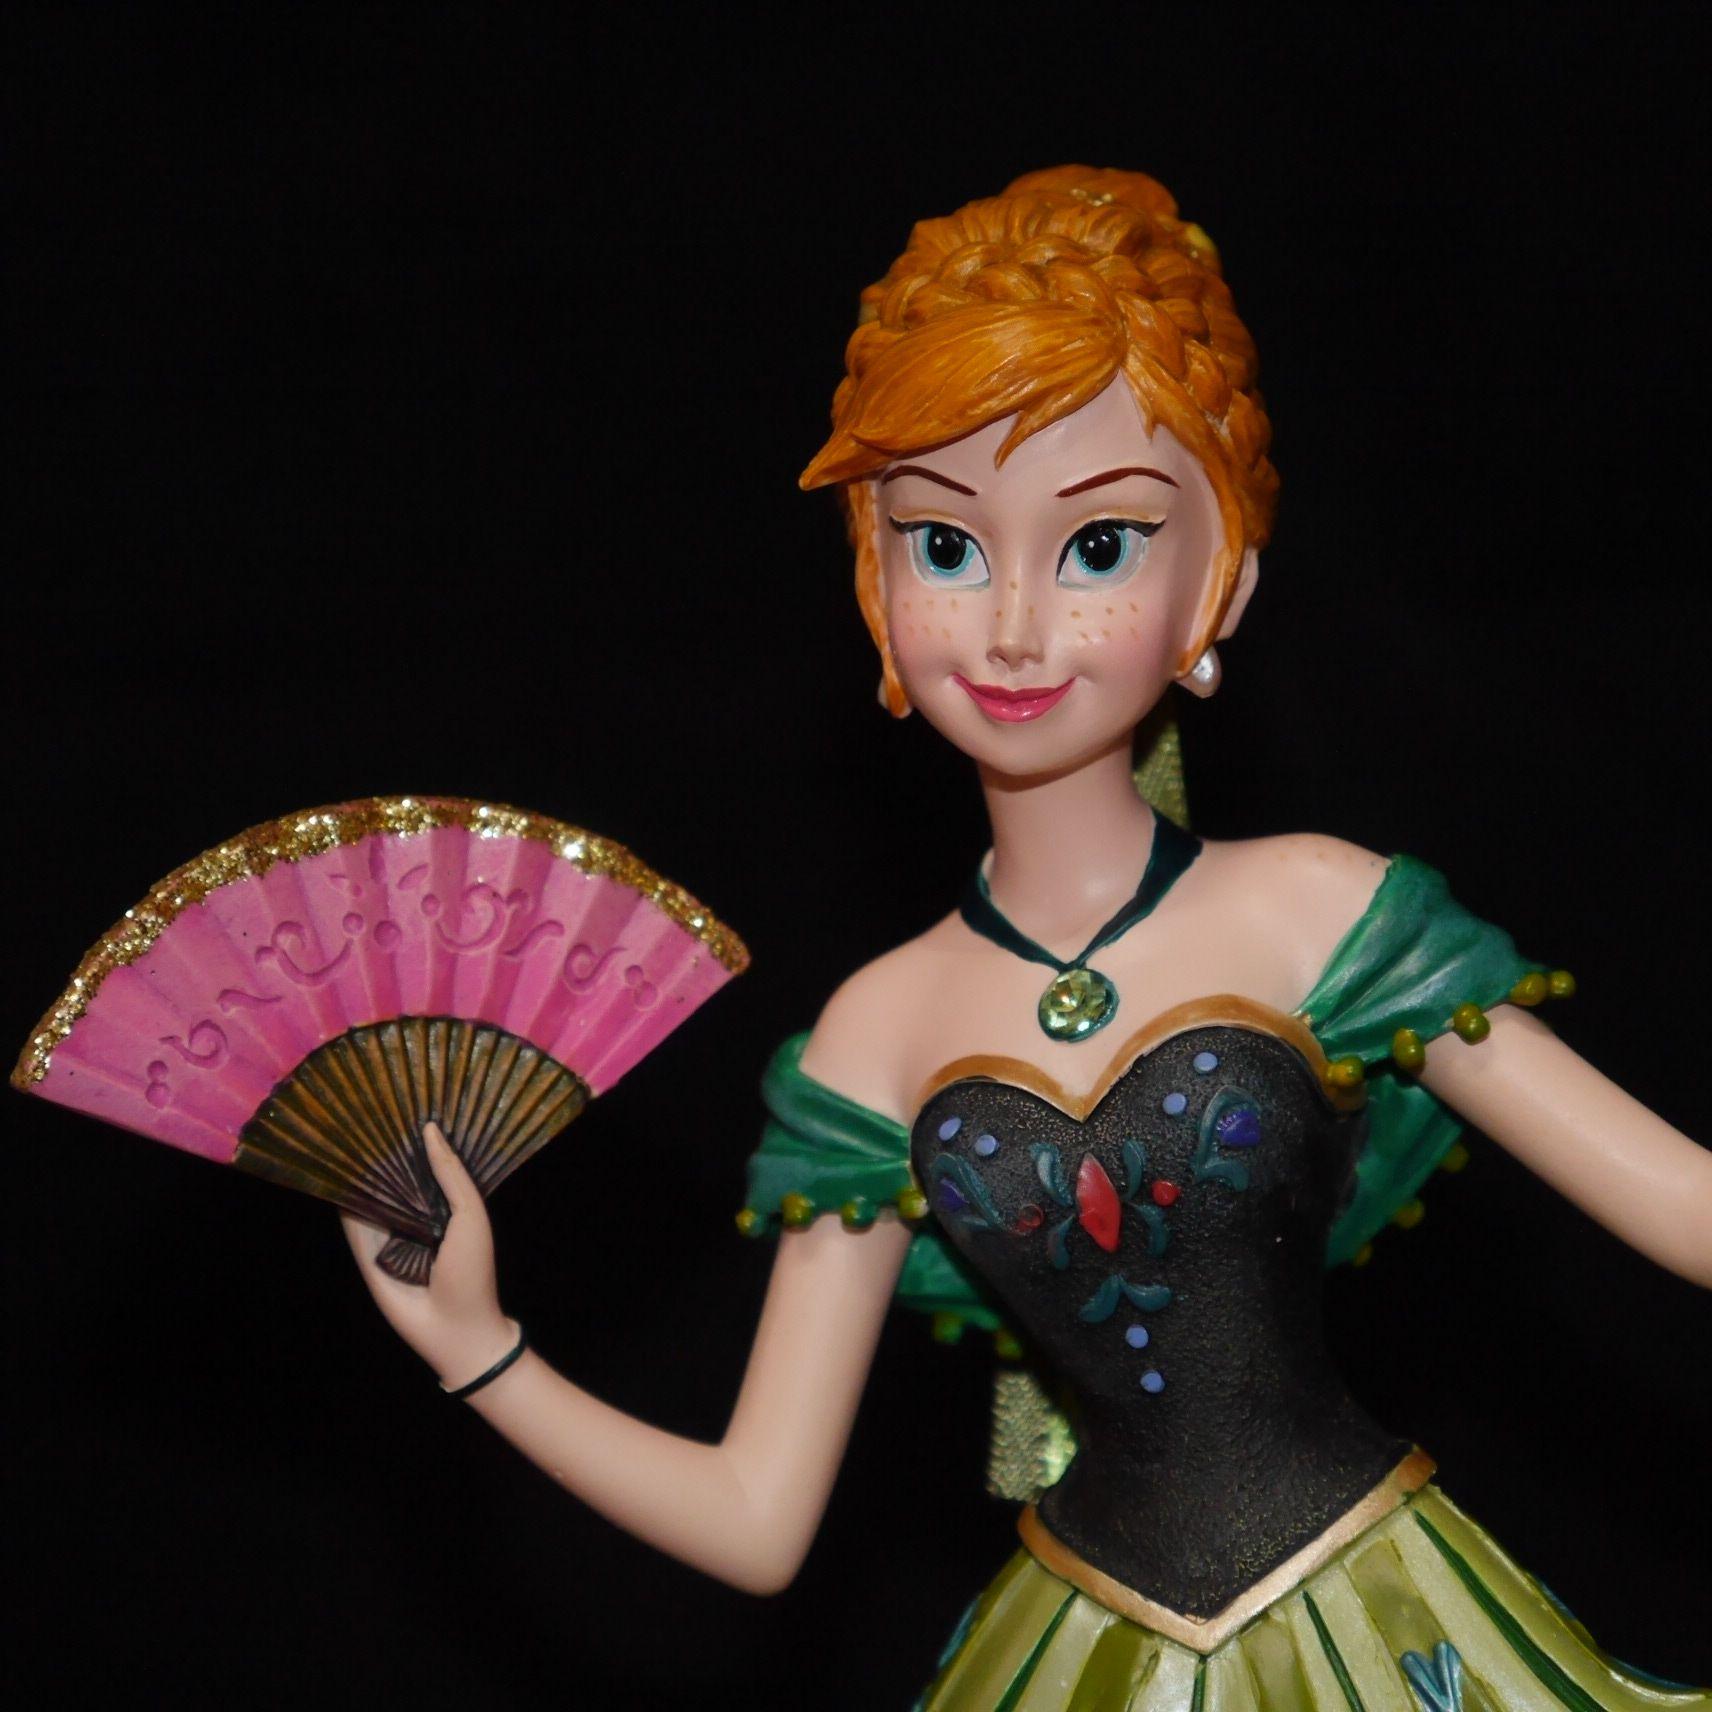 冰雪奇緣安娜Anna公主*精品/裝飾/擺飾/玩具《美國Enesco精品,迪士尼典藏超精美人偶》【曉風】 1